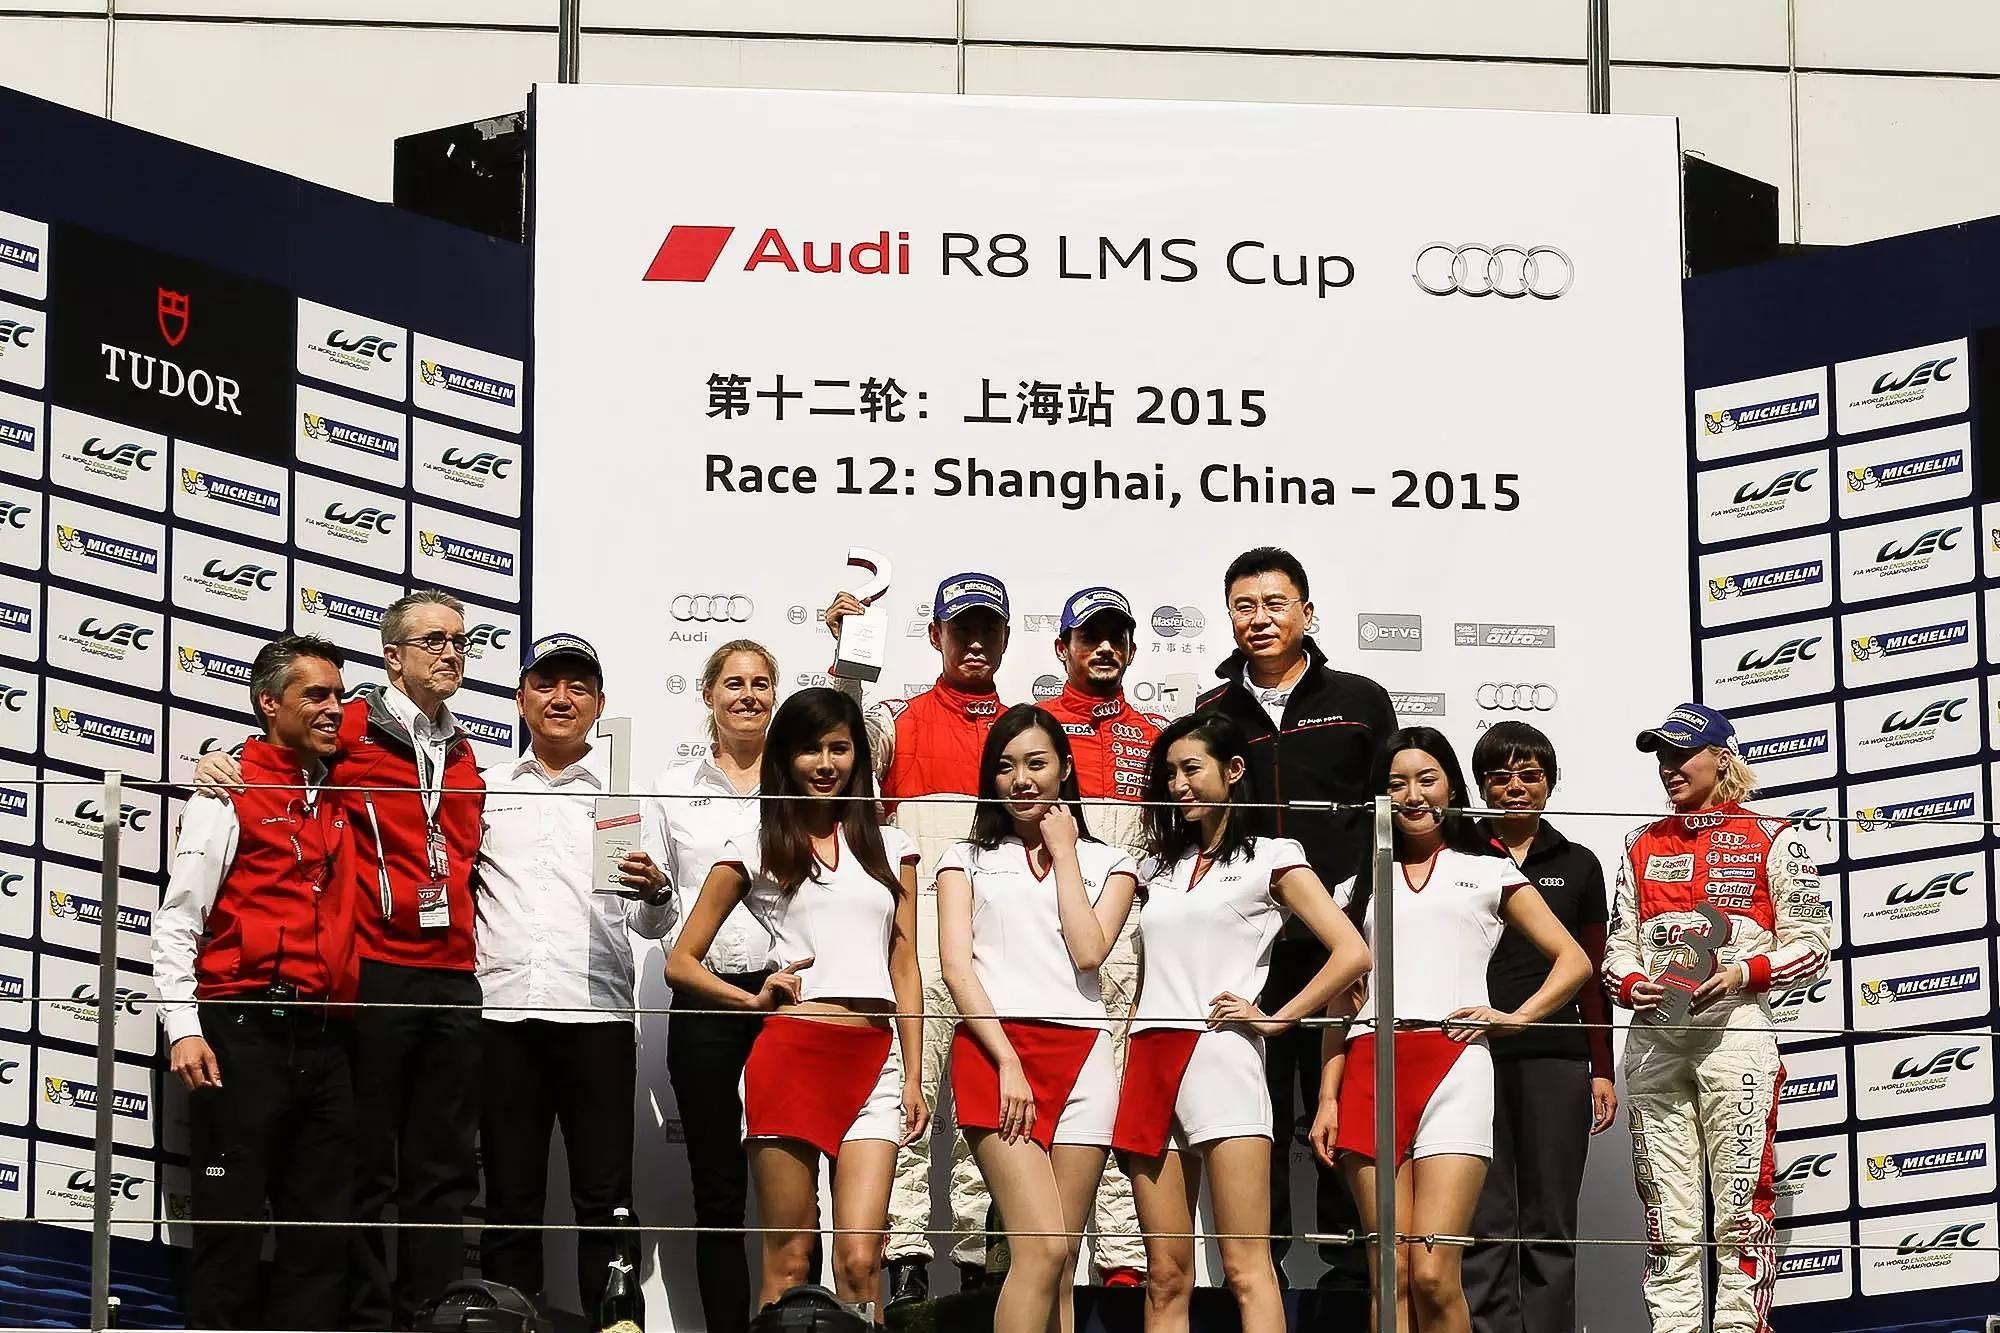 奥迪荣光(上篇)R8 LMS Cup 008